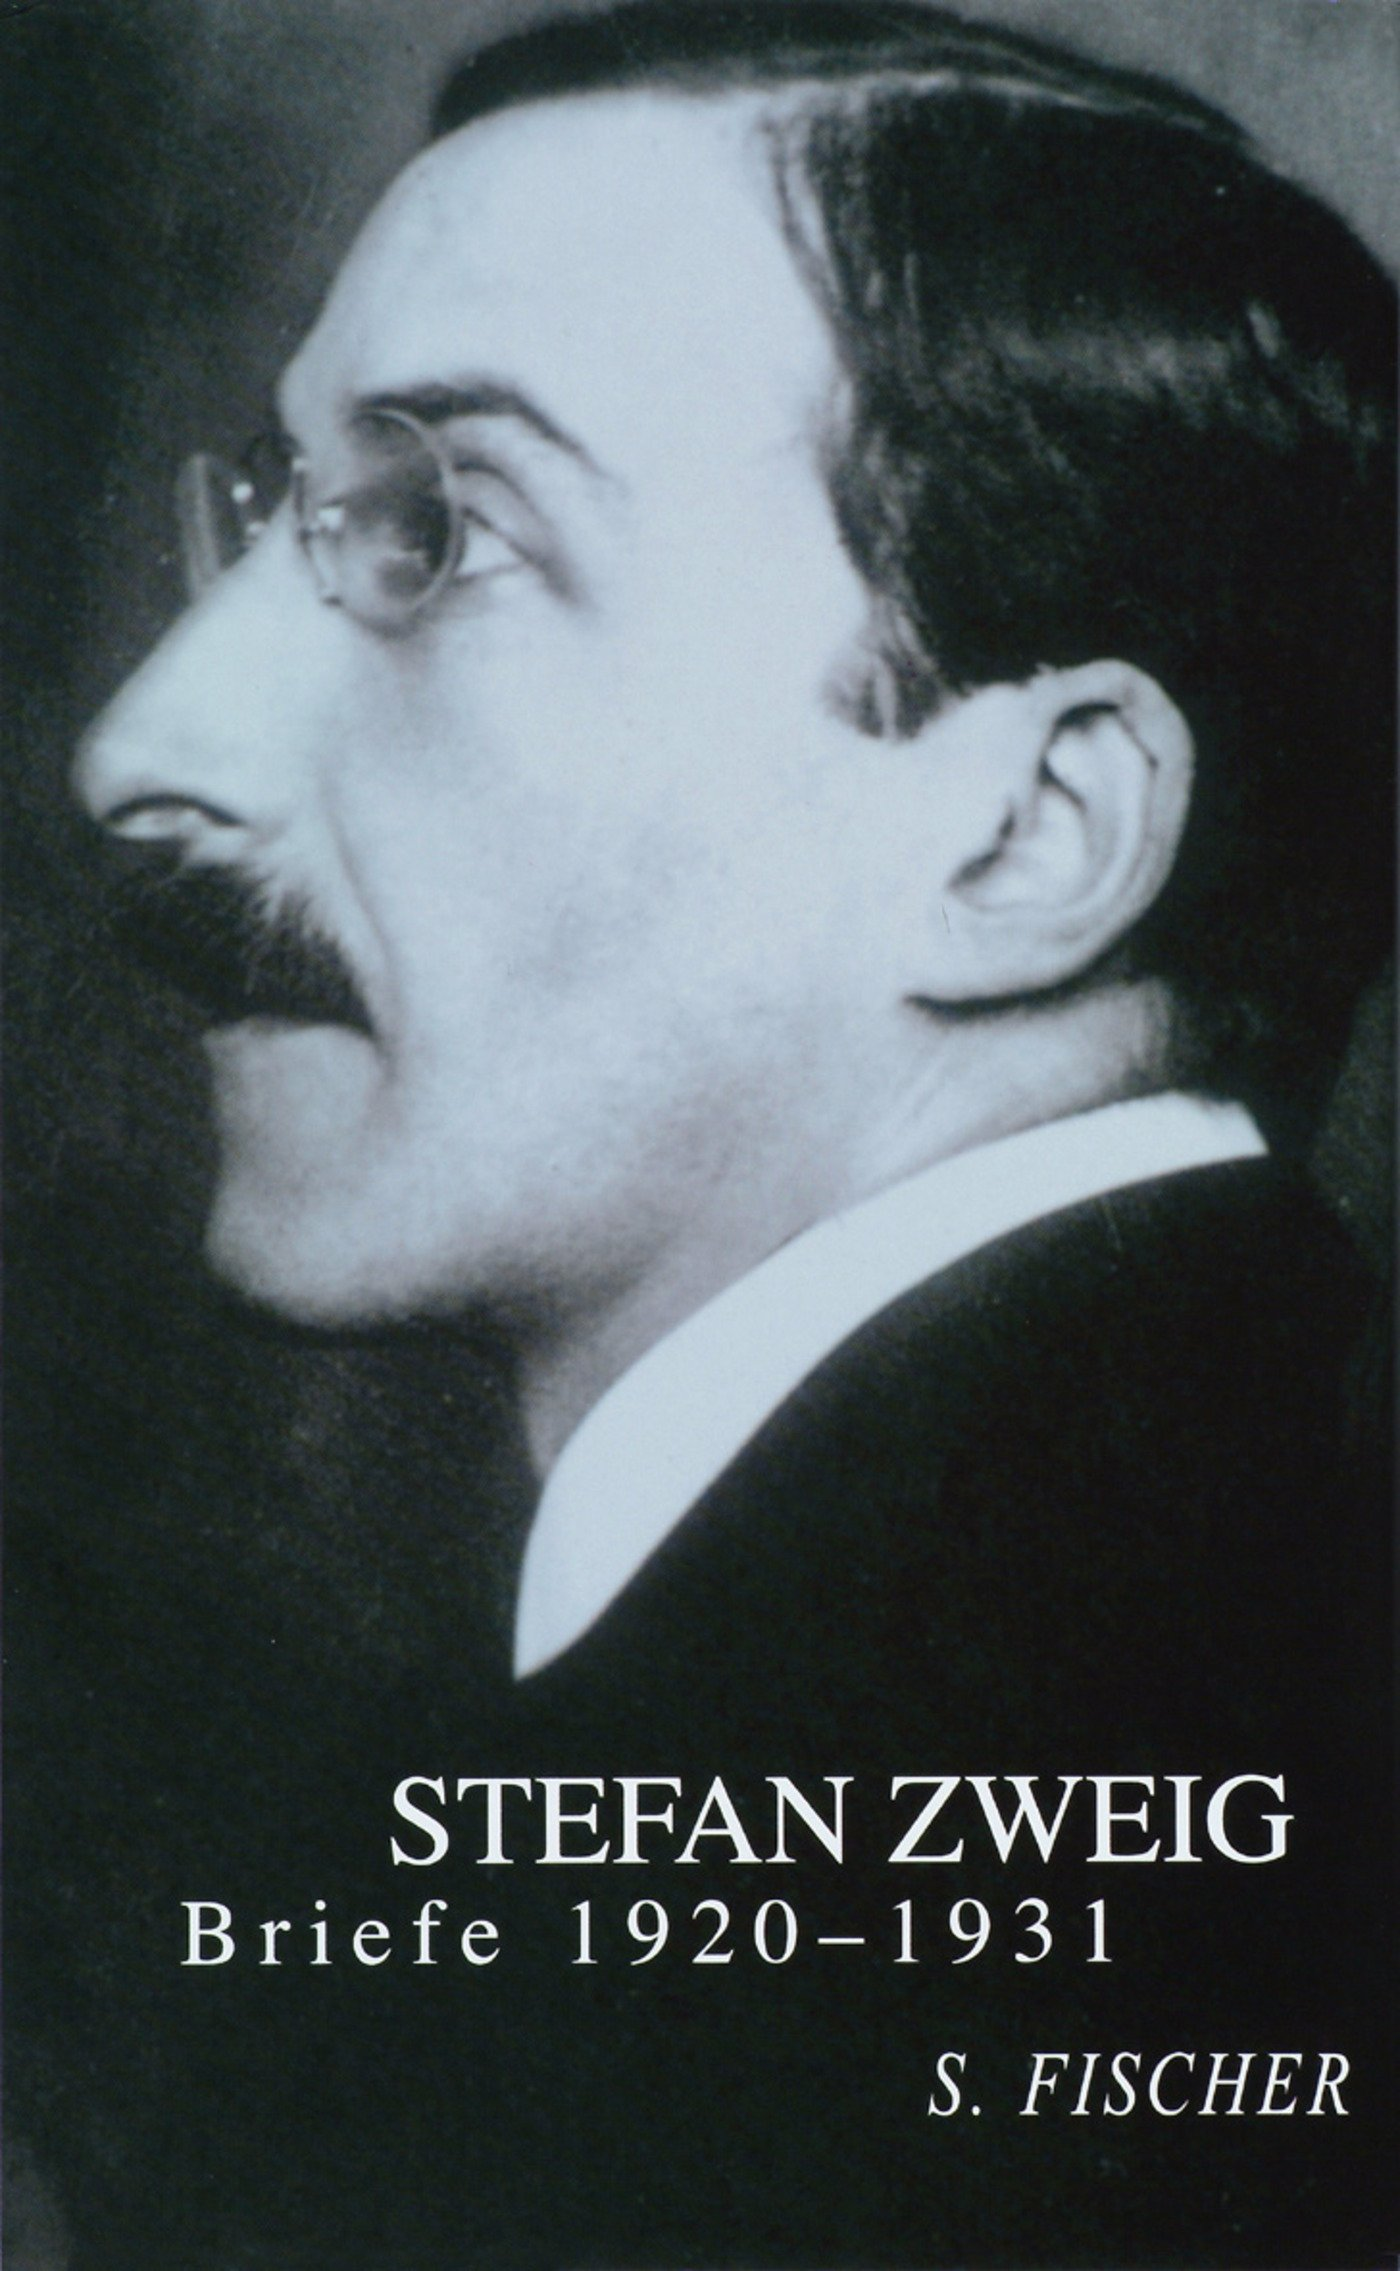 Briefe 1920-1931 (Stefan Zweig, Briefe in vier Bänden)